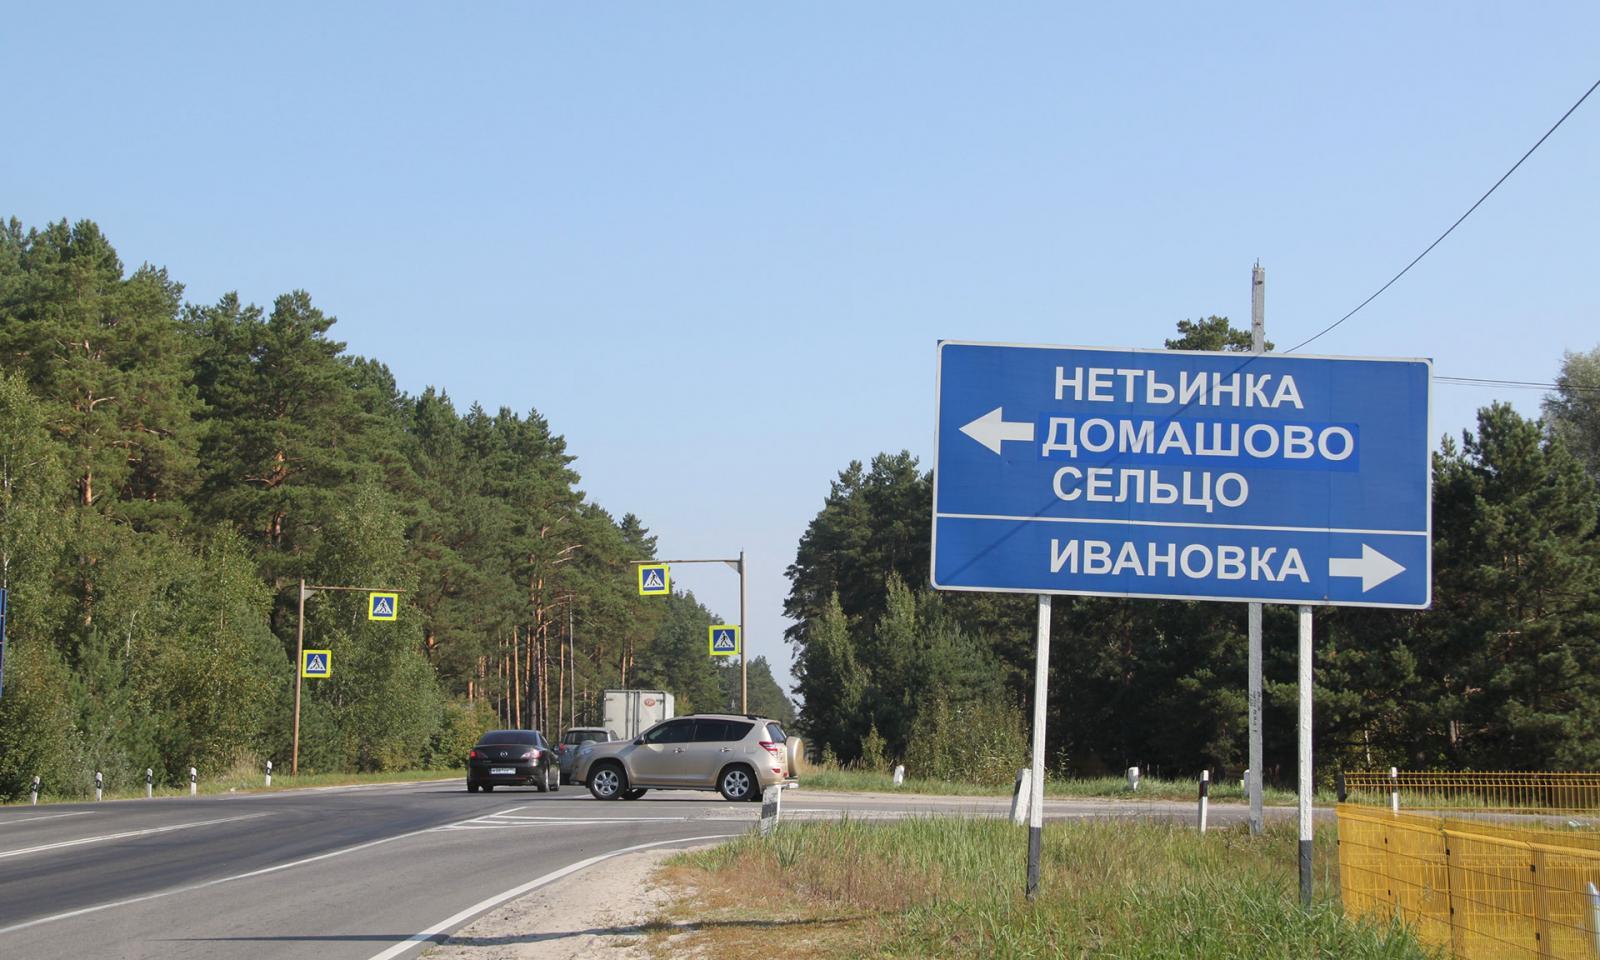 В поселке Ивановка Брянского района произошло массовое ДТП